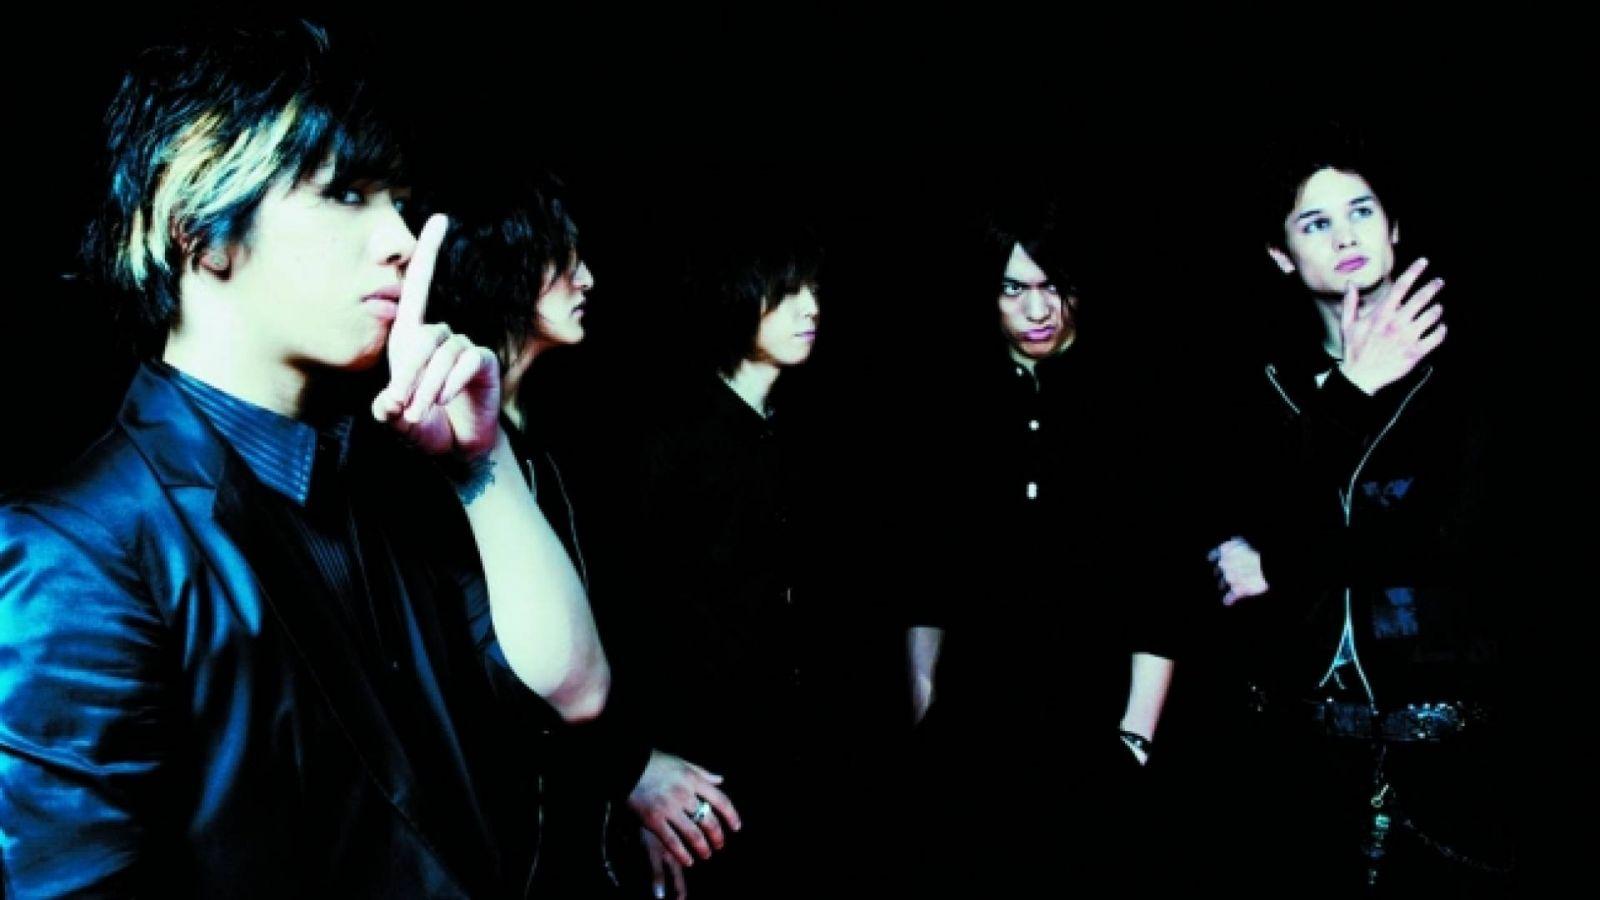 Wywiad z ONE OK ROCK   © ONE OK ROCK - AMUSE